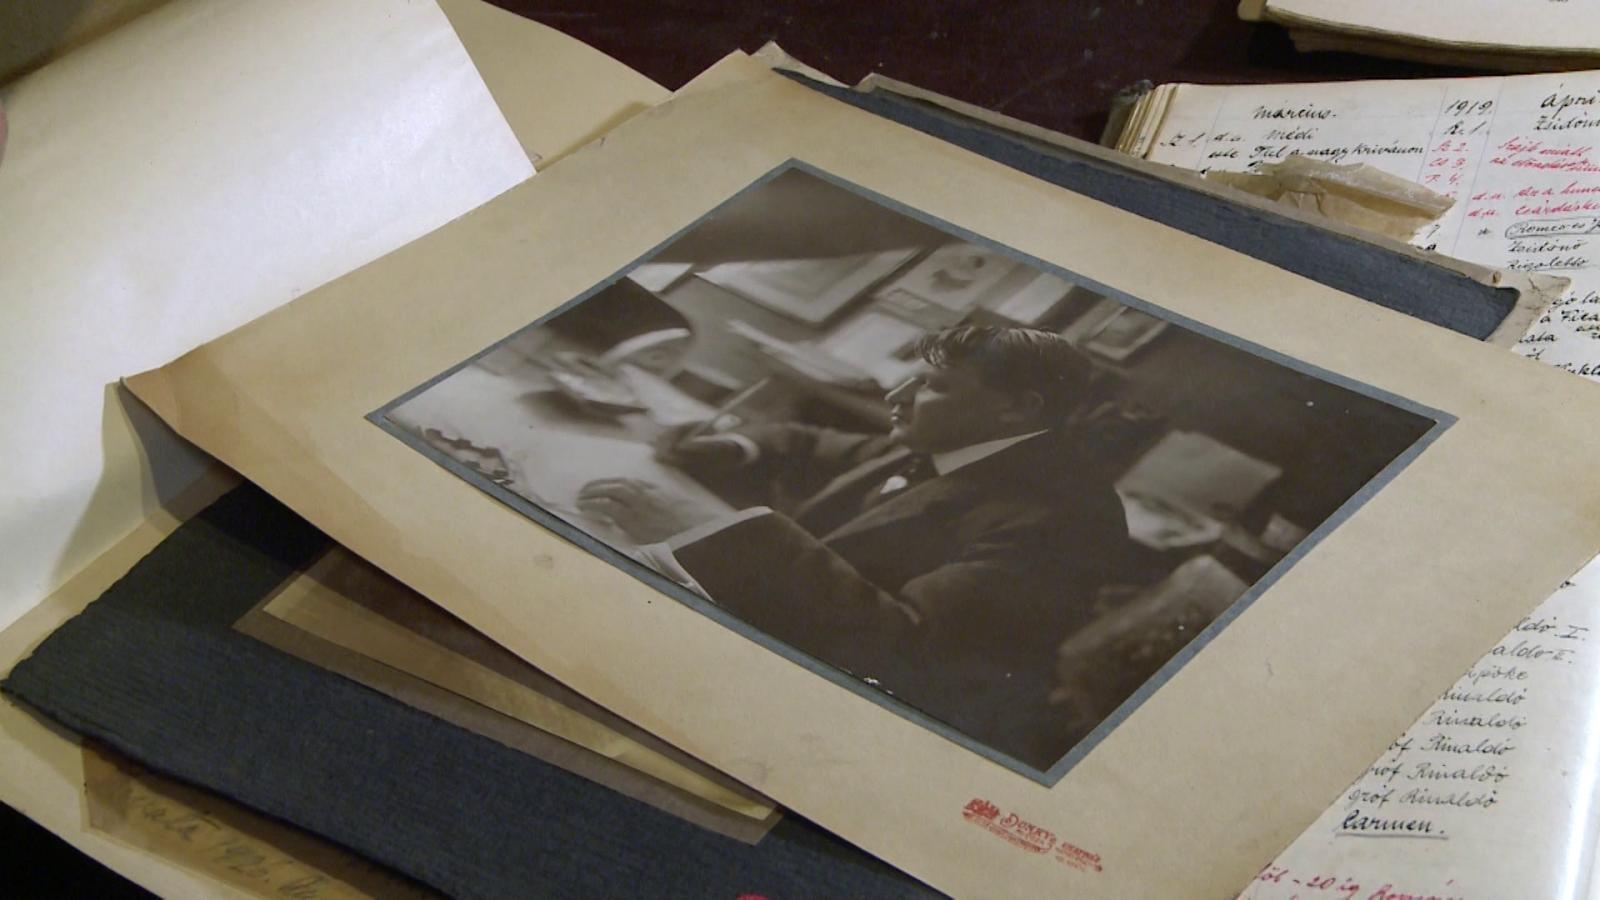 Janovics Jenő az íróasztalánál. A fénykép a dokumentációs tár fotóarchívumában található.